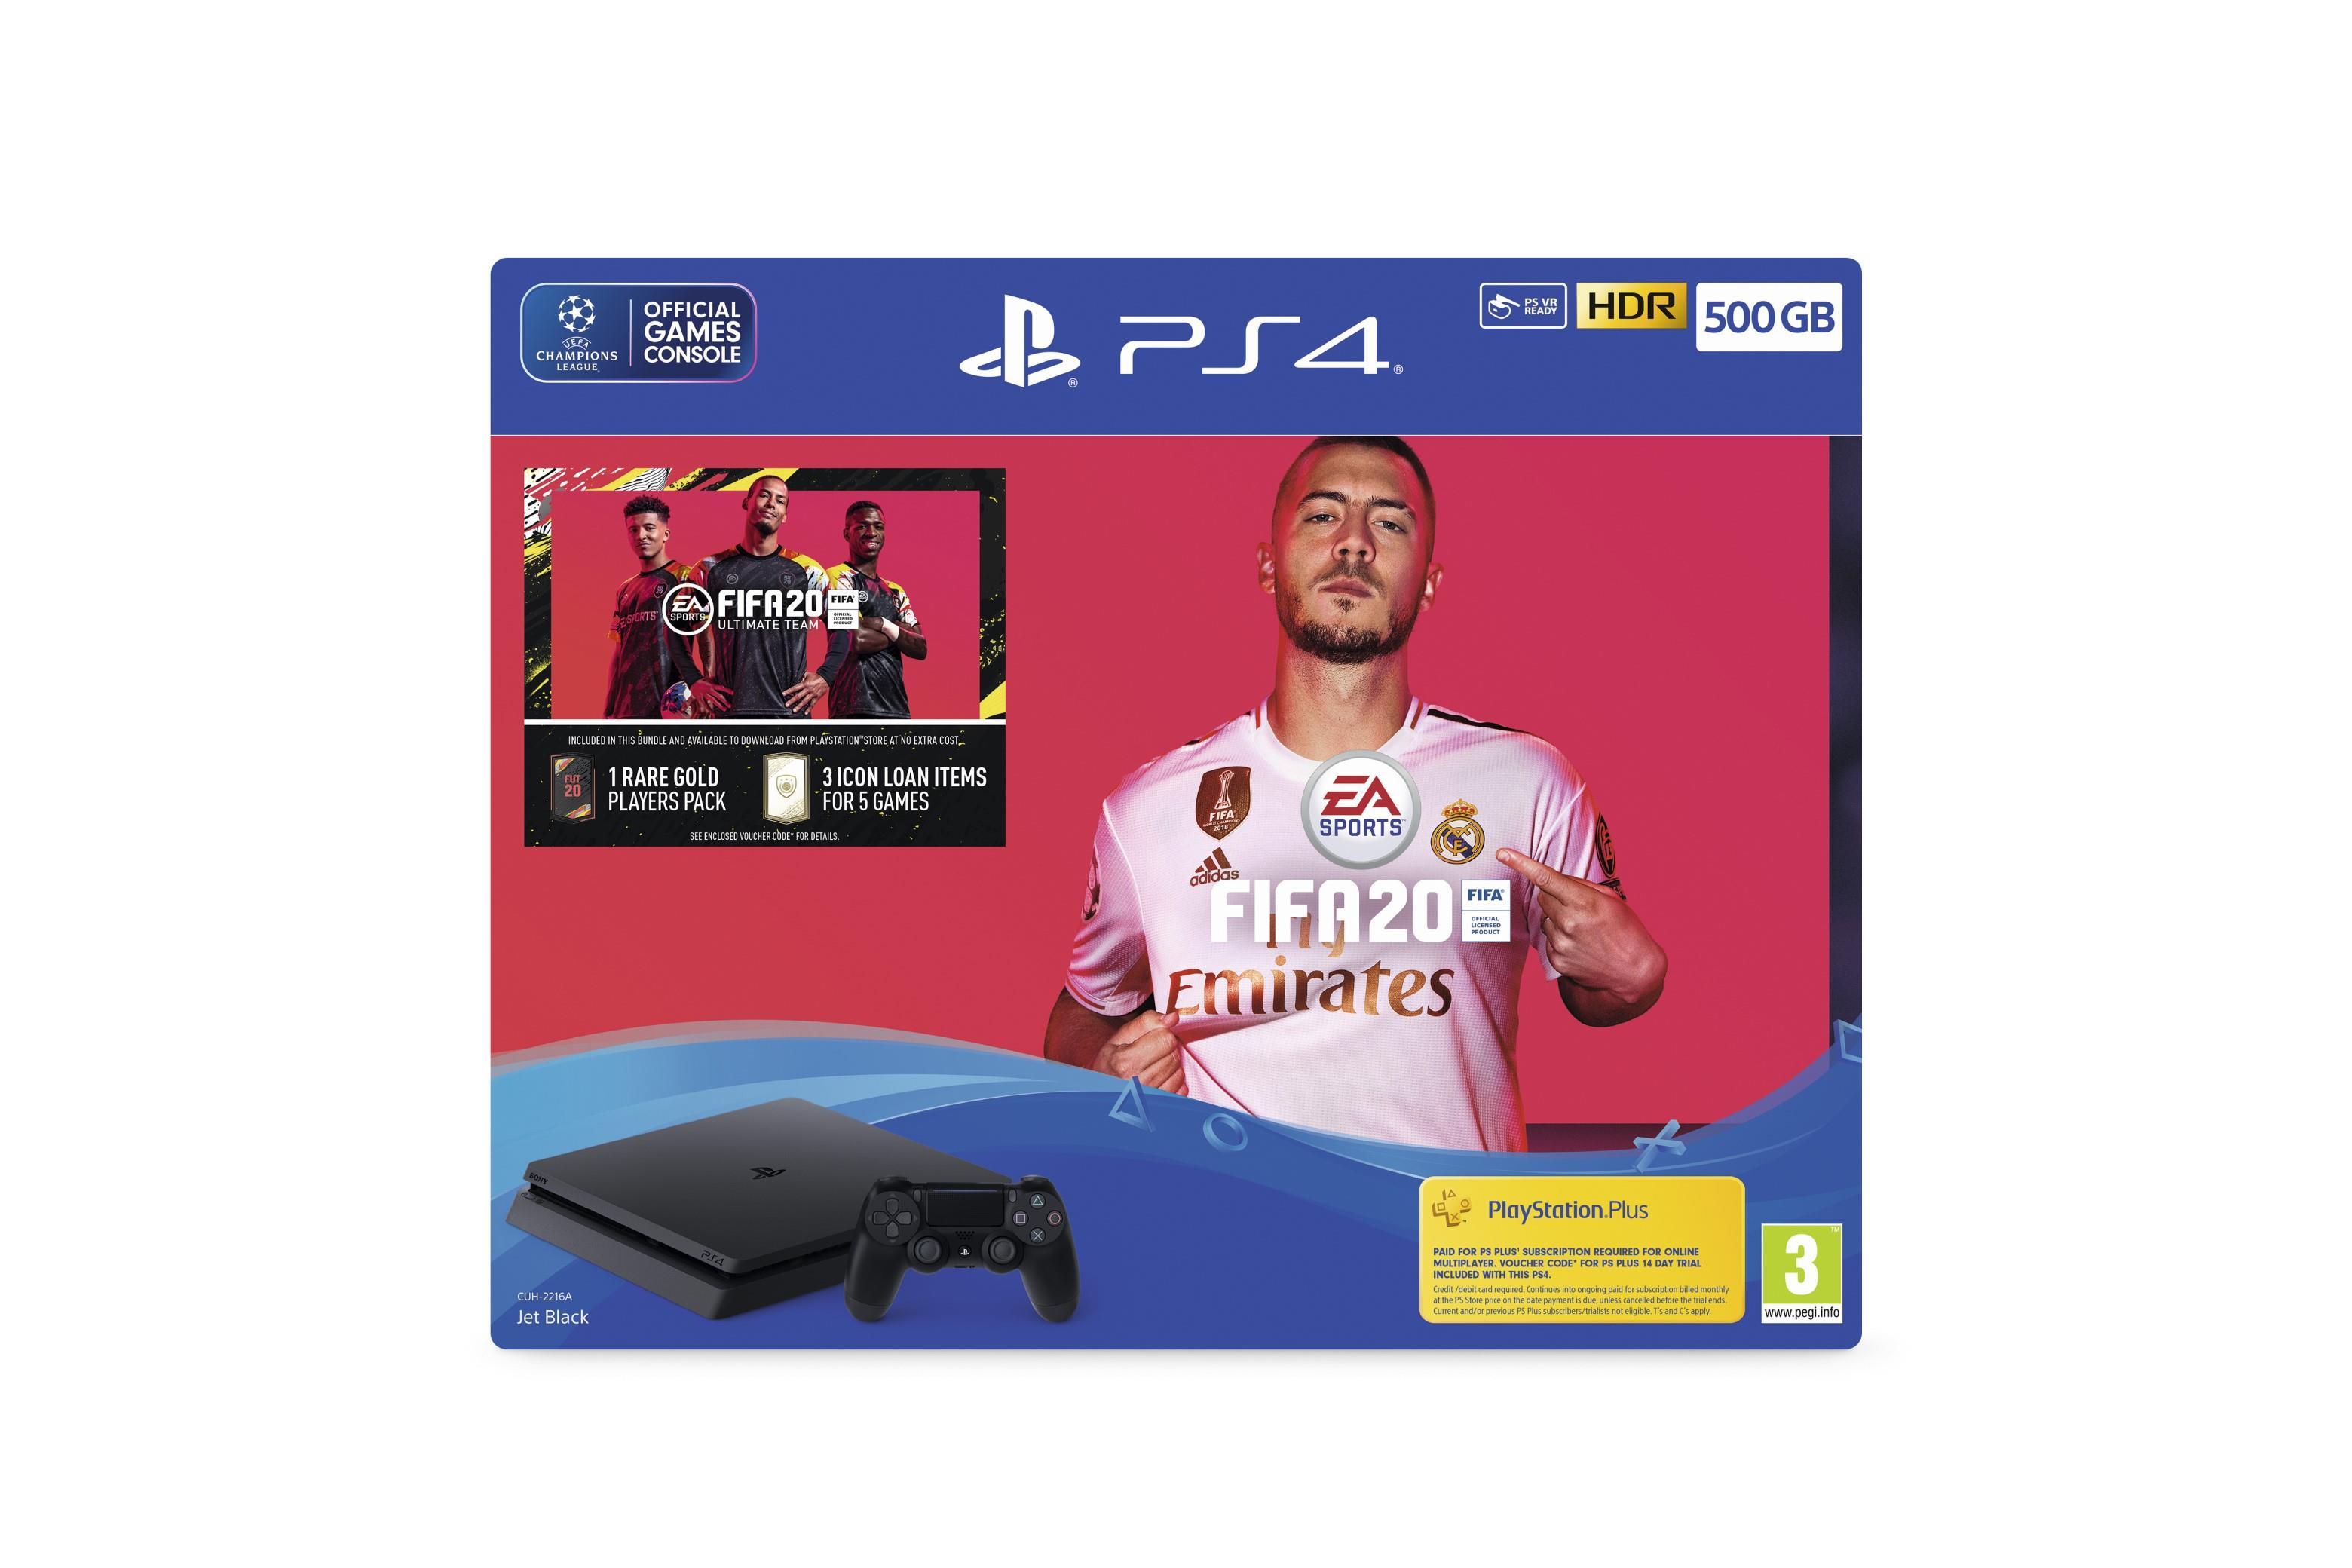 PlayStation 4 500GB FIFA 20 Bundle for PlayStation 4